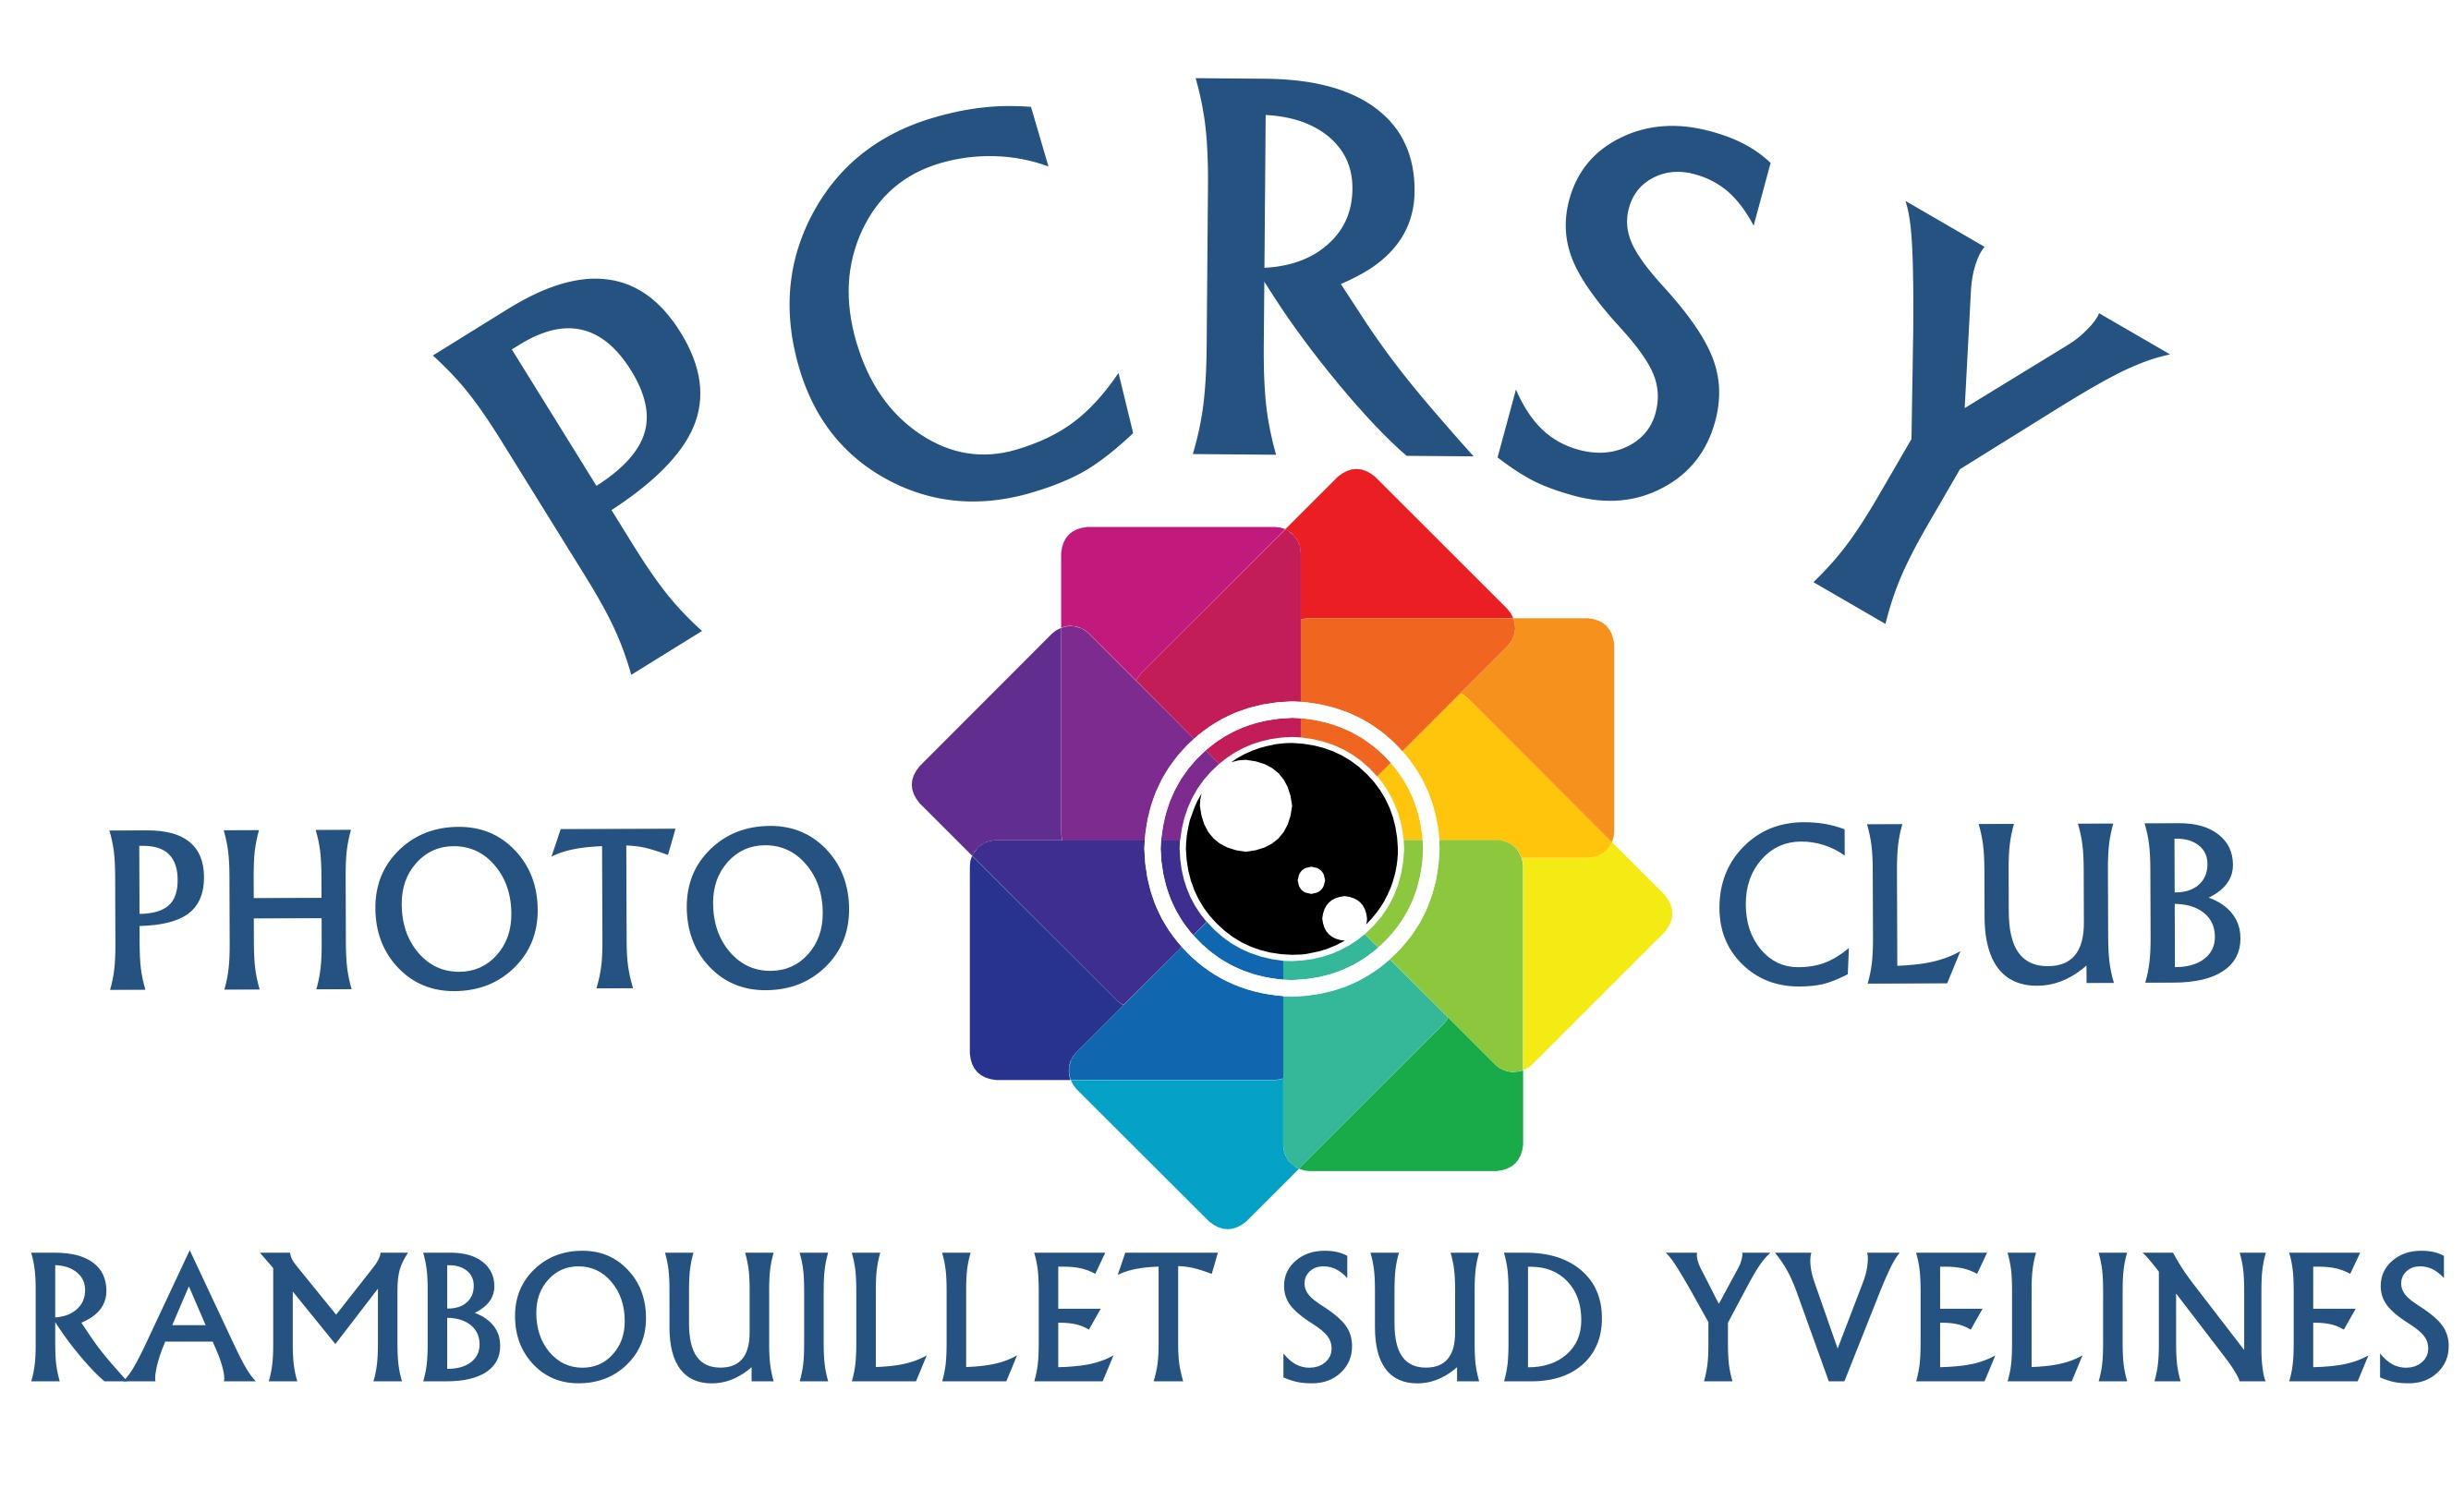 Photo Club Rambouillet Sud Yvelines